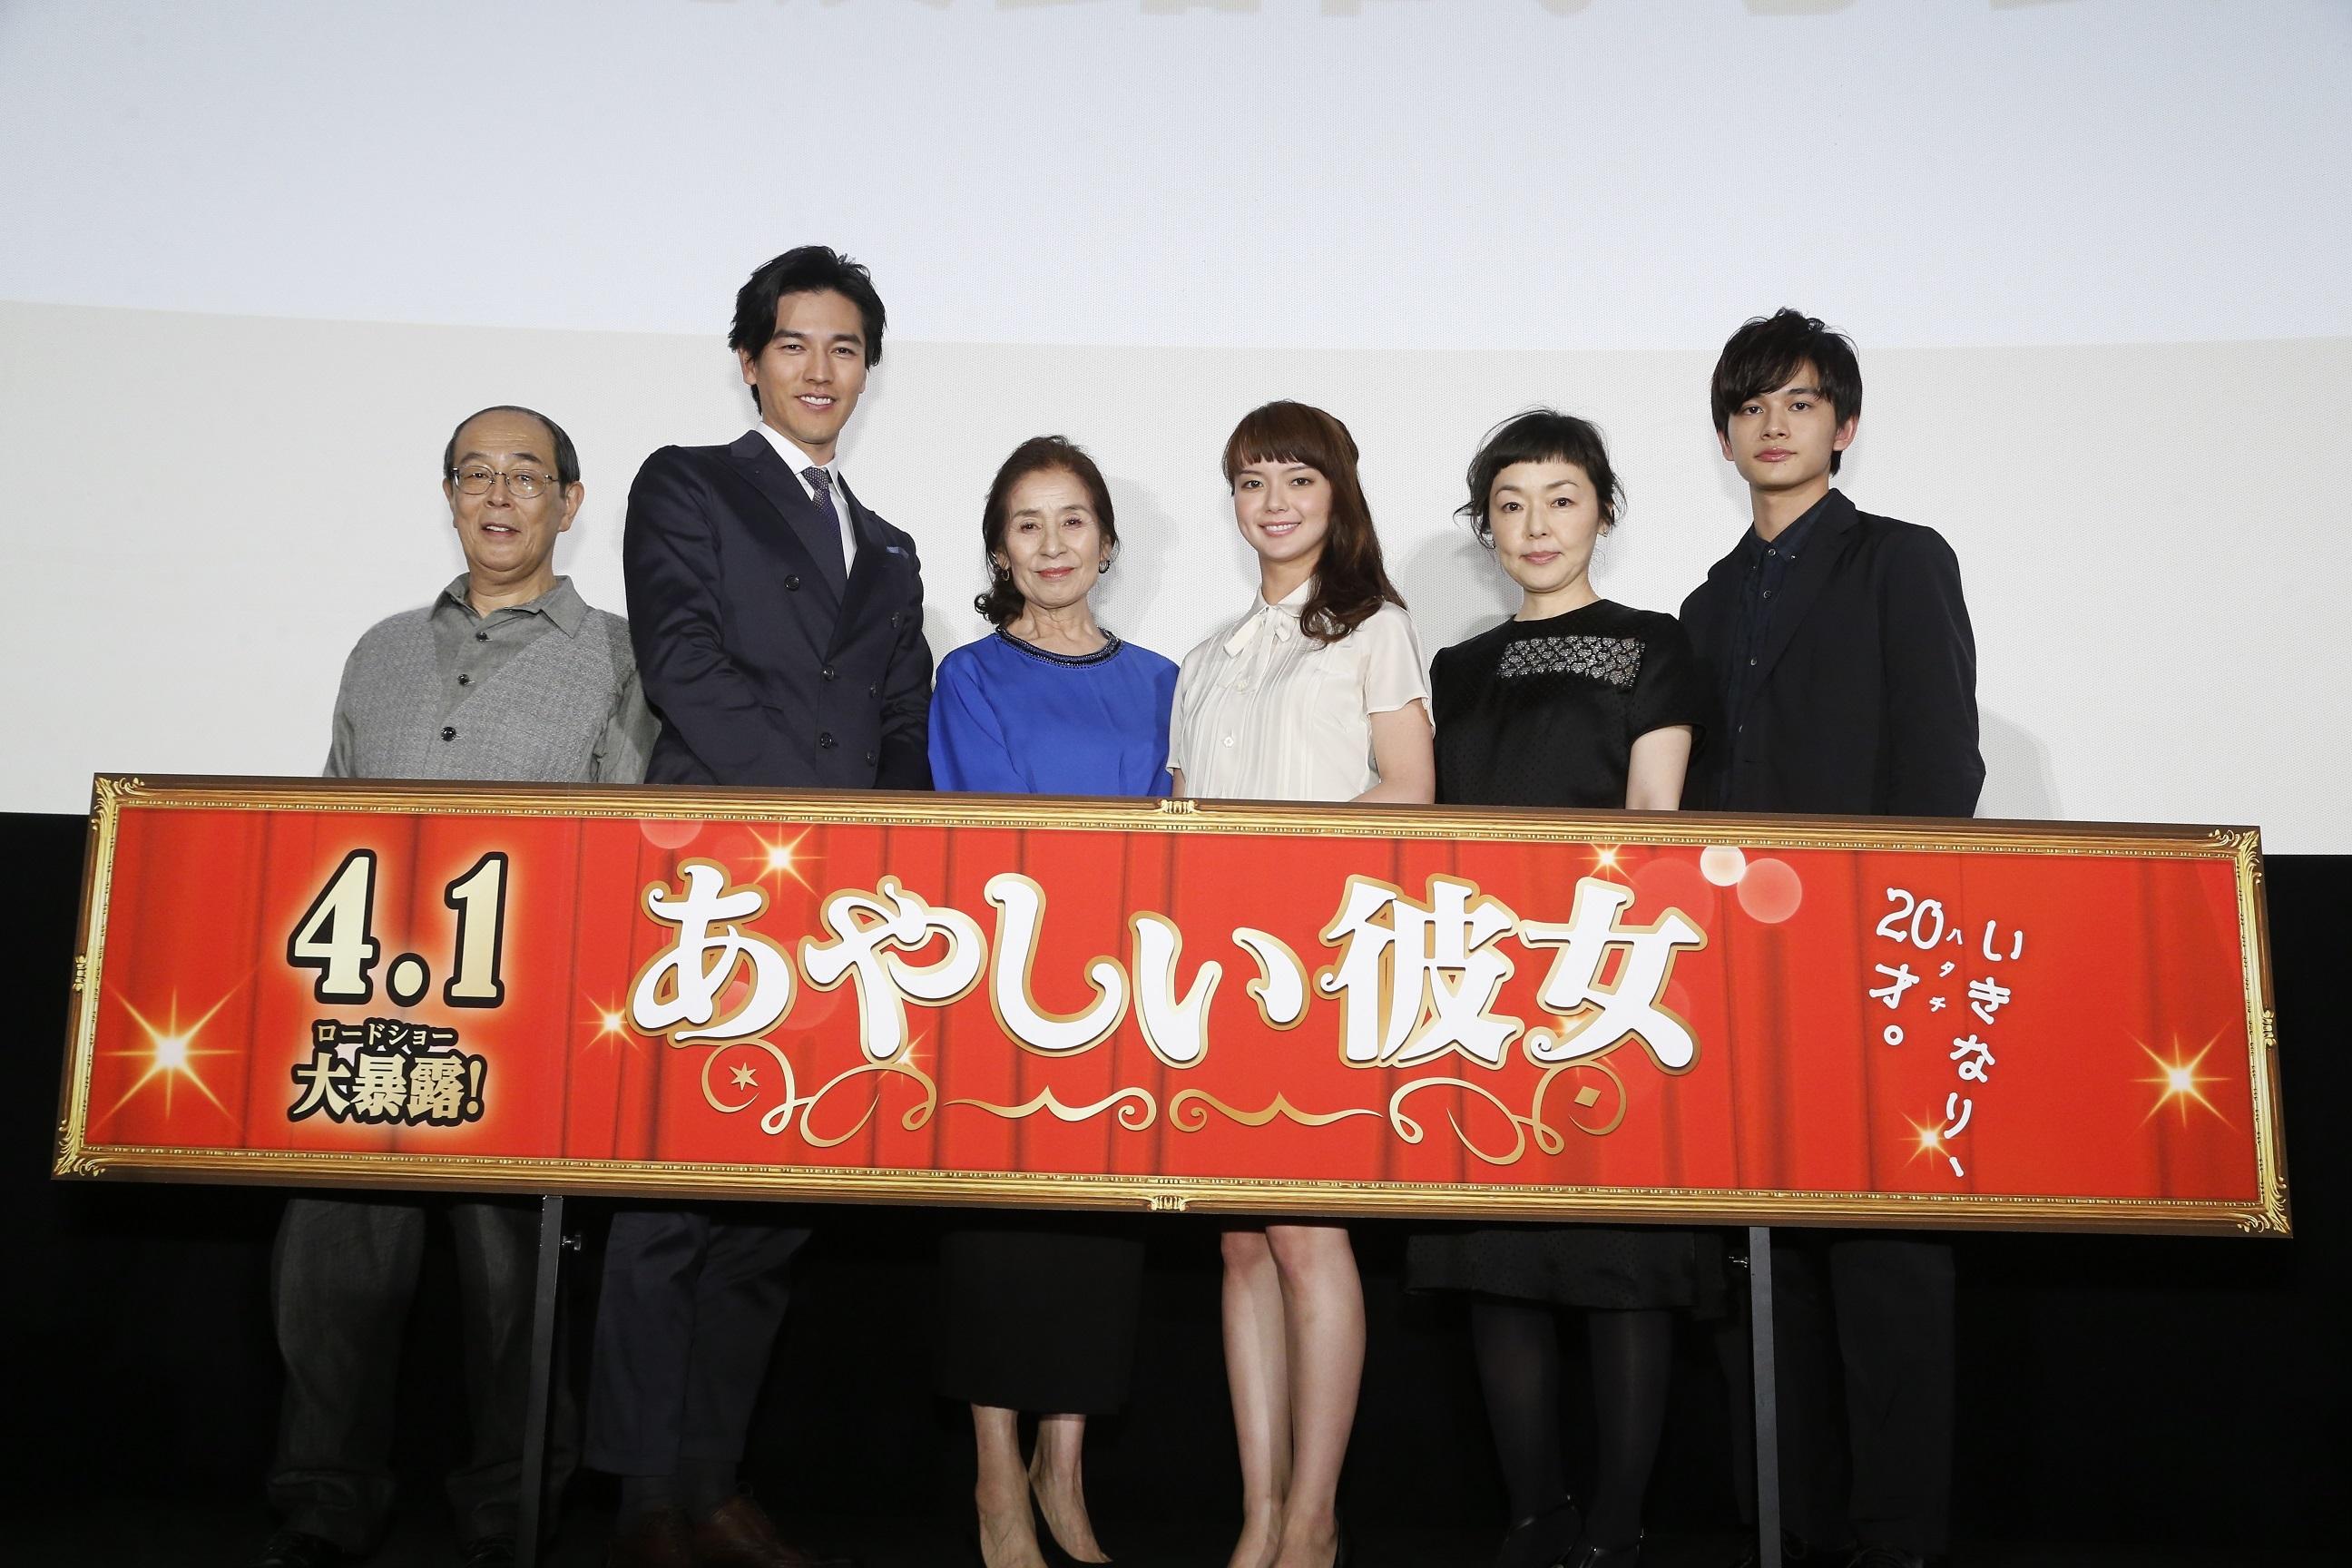 左から 志賀廣太郎、要潤、倍賞美津子、多部未華子、小林聡美、北村匠海